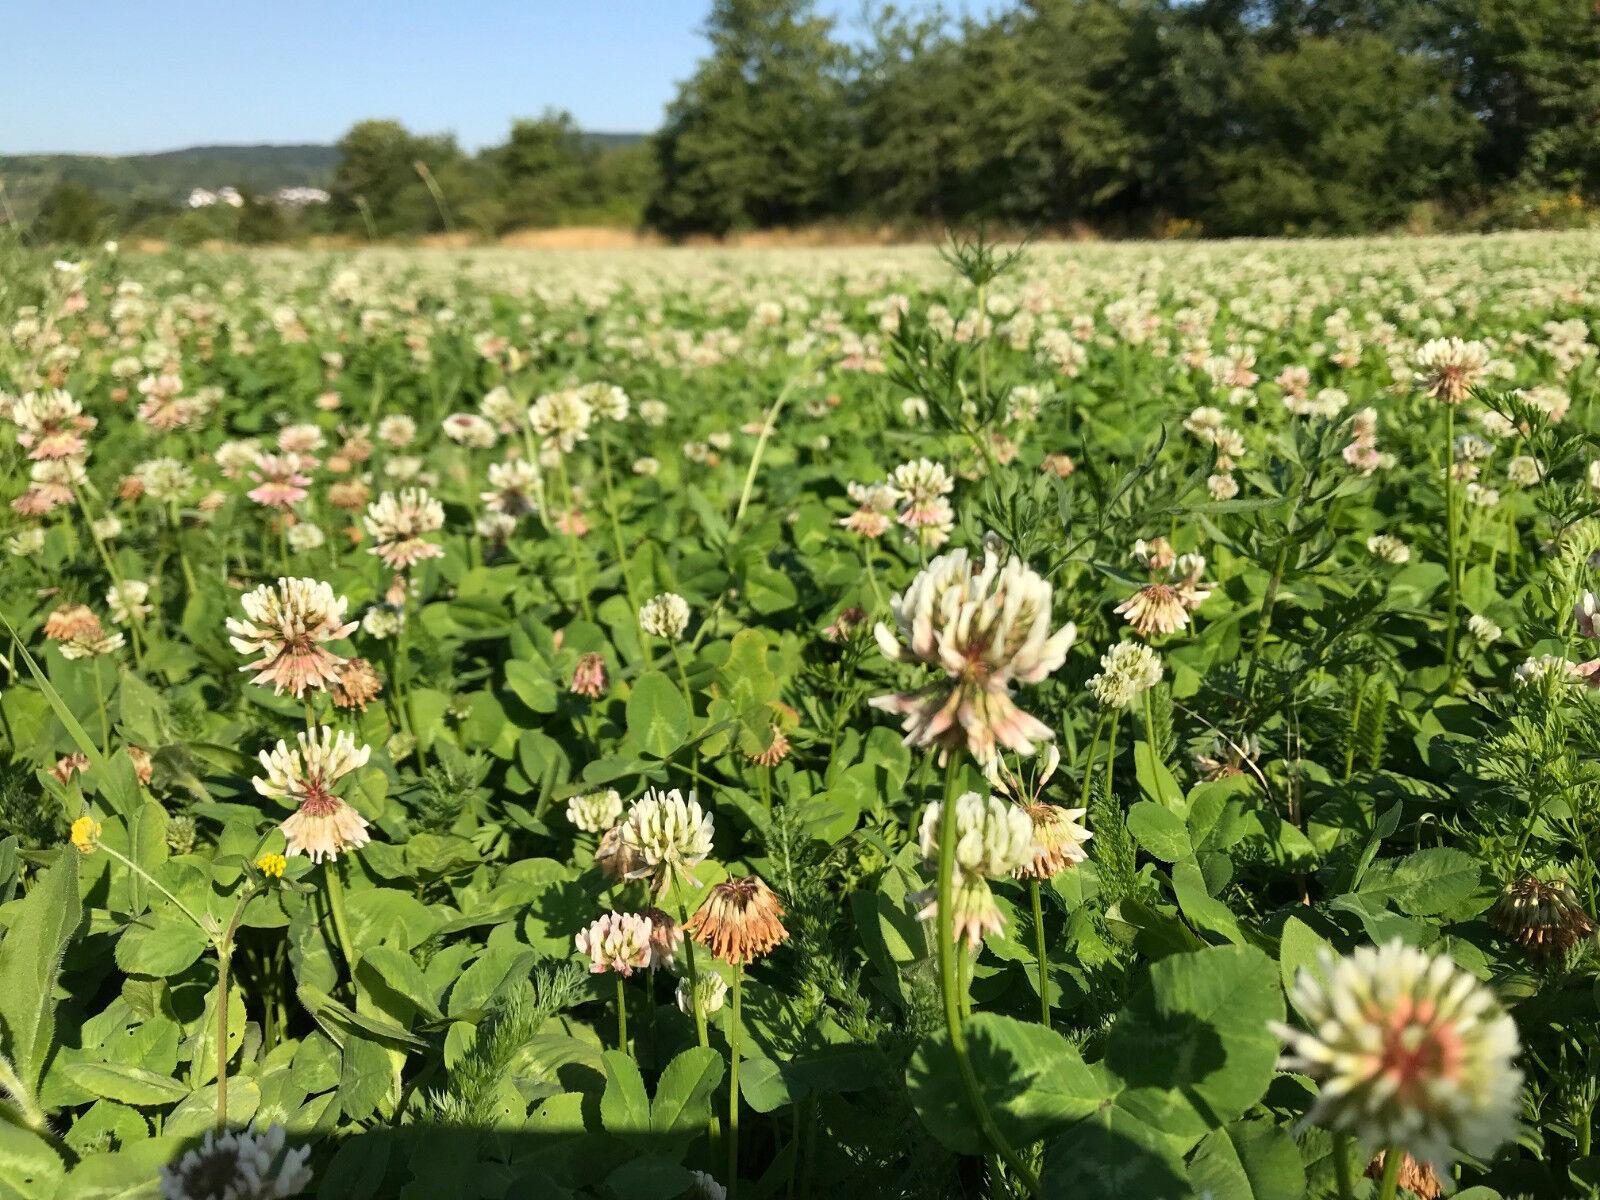 WEIßKLEE TOP Saatgut 5 kg Klee weiß Saat Kleesaat Futterklee Bienenweide